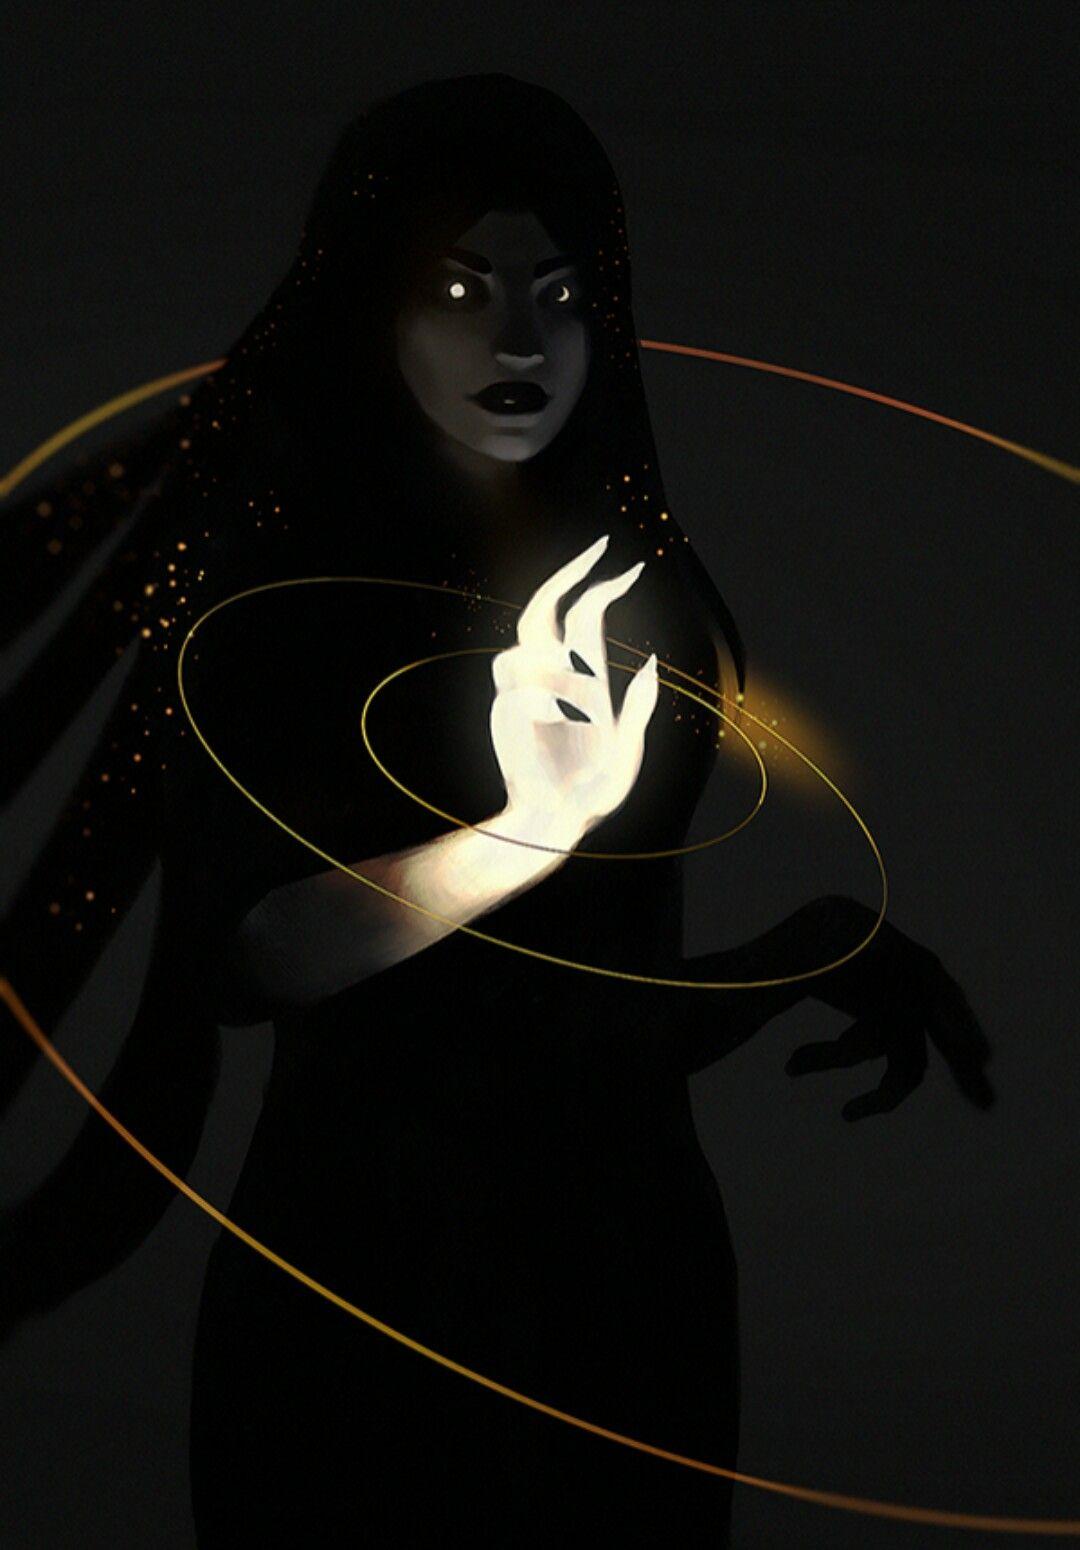 magi drawing anushka xxx